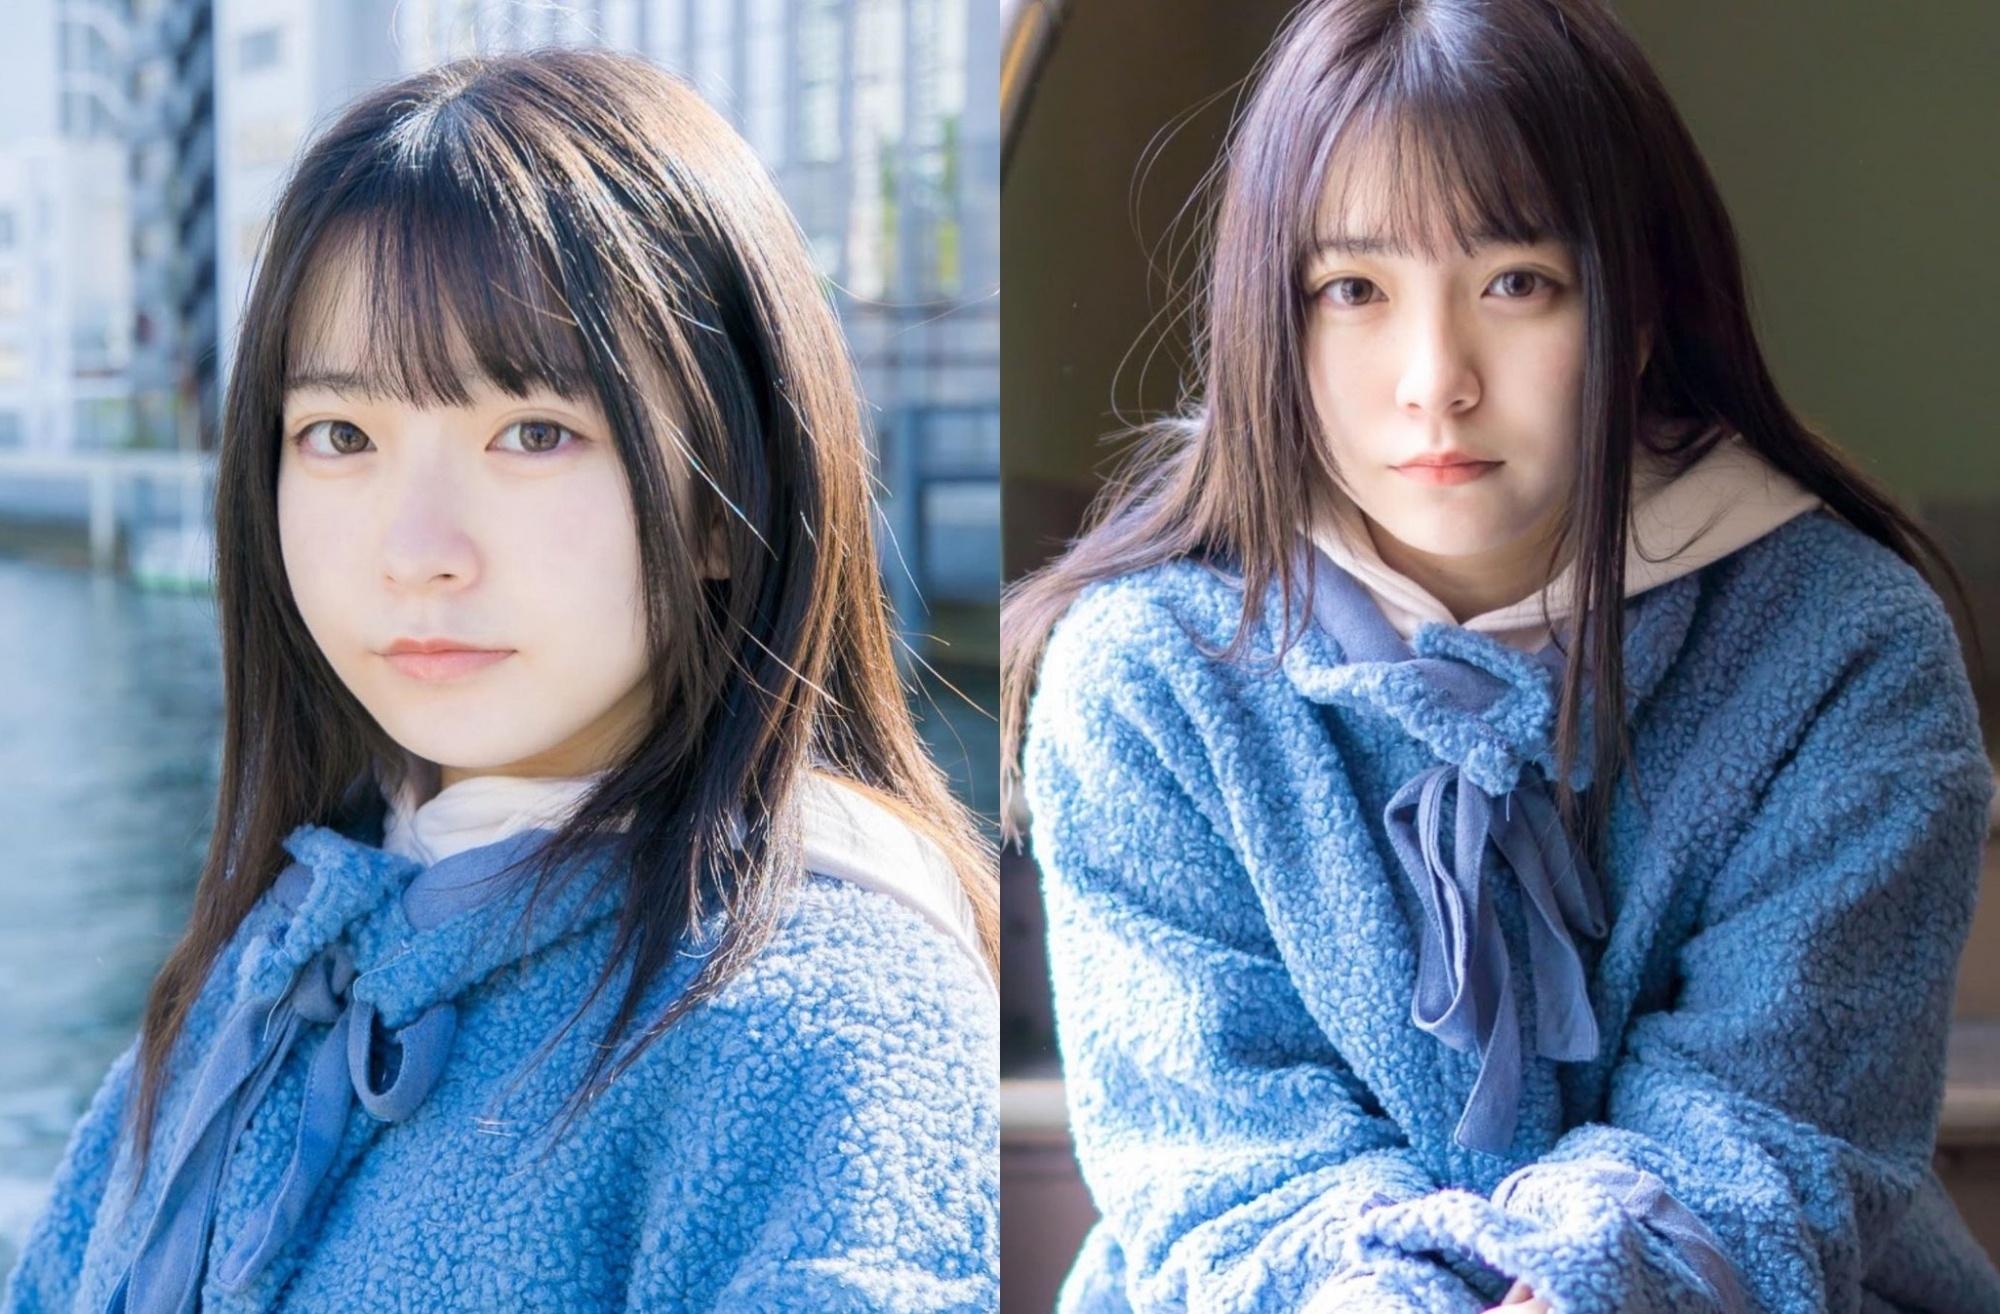 17岁仙女高中生瀬戸りつ绝美长相激似IU 全身散发空灵气质美到有点不真实